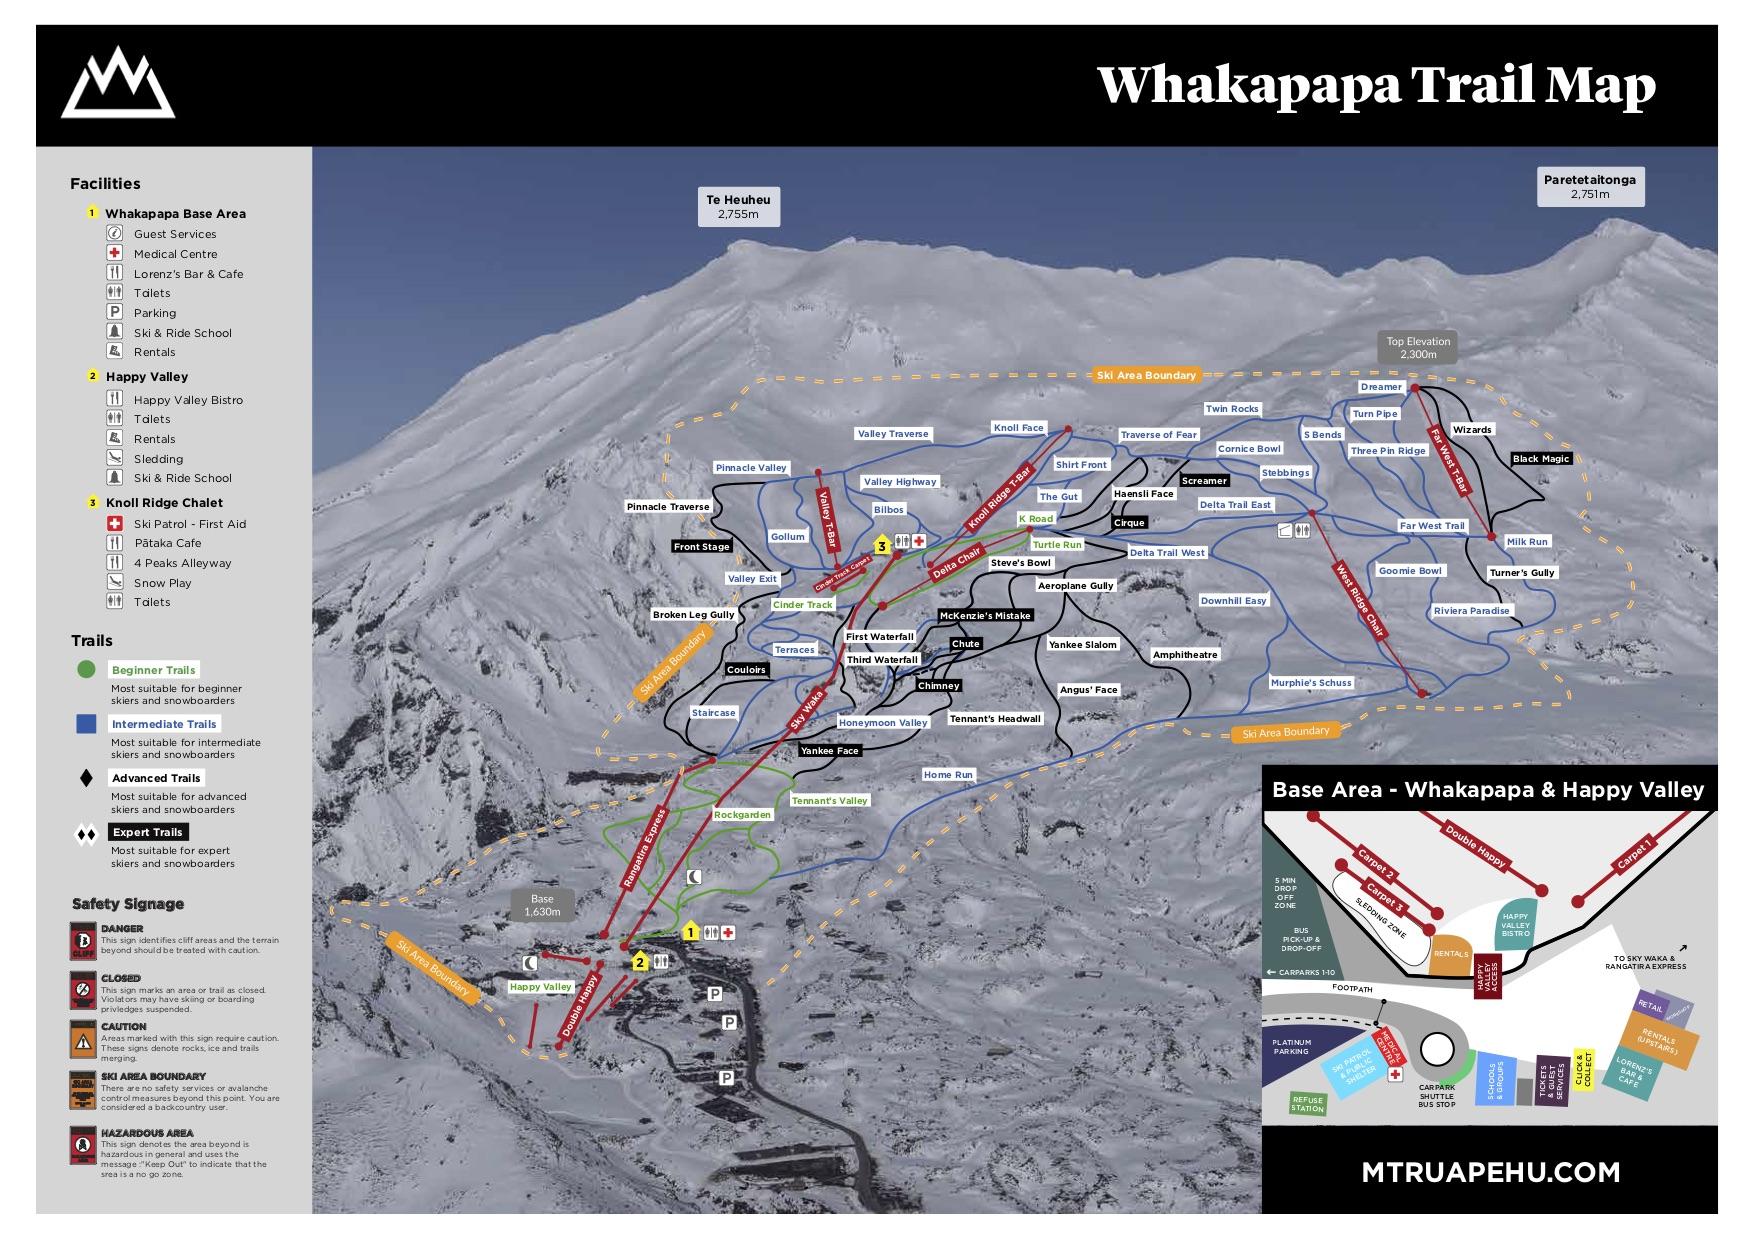 Whakapapa Piste / Trail Map